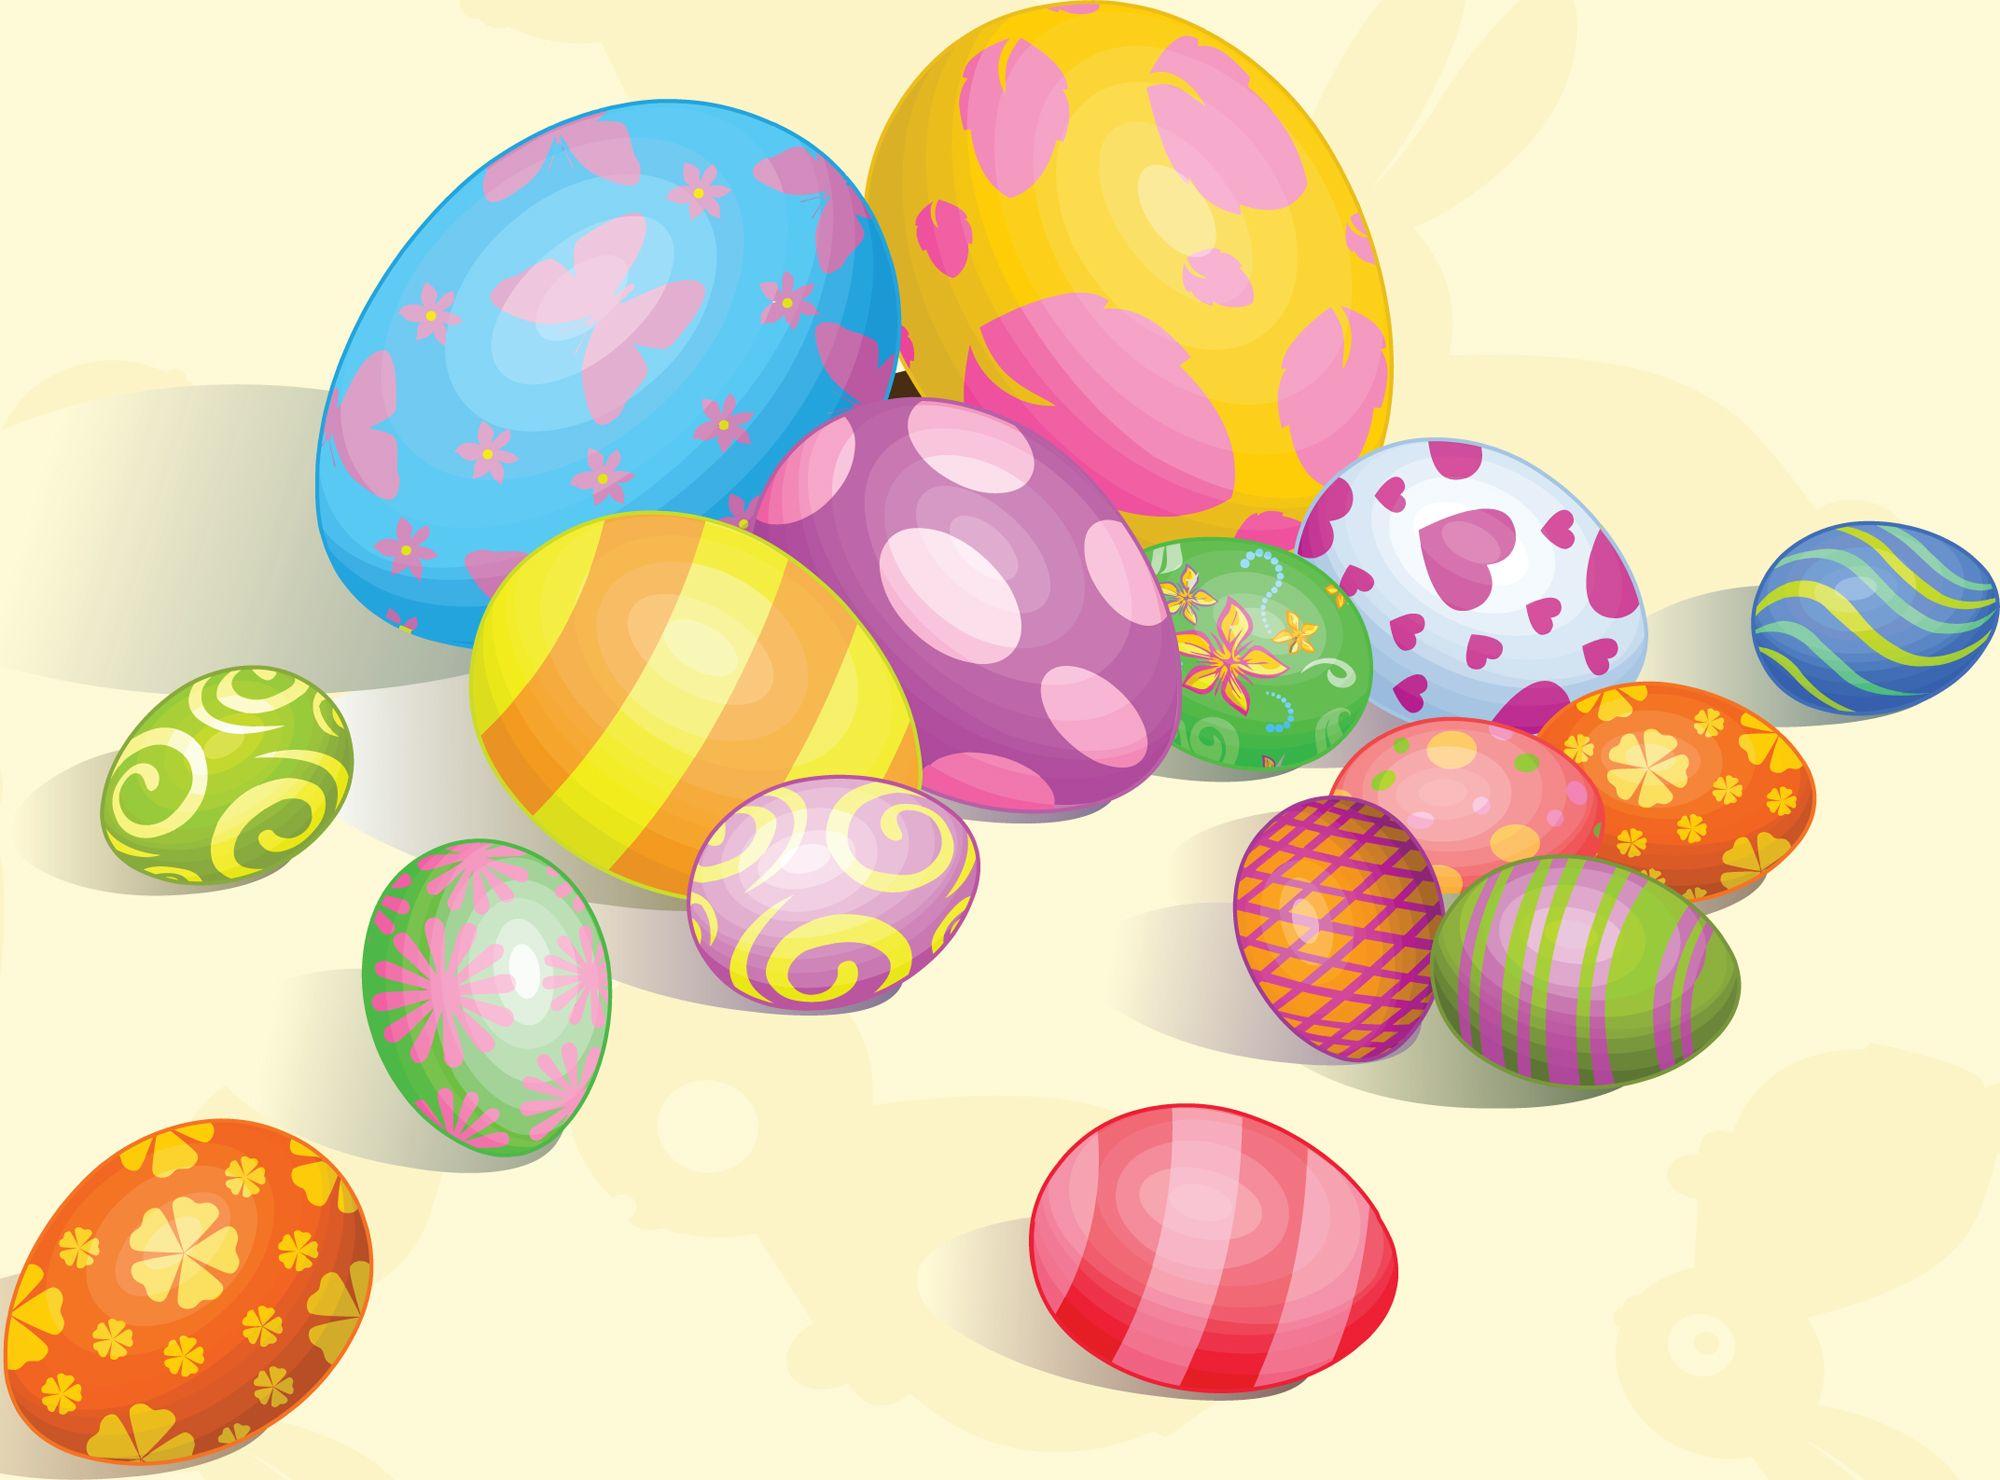 Ostern Bilder Witzig - Ostern Bilder Witzig